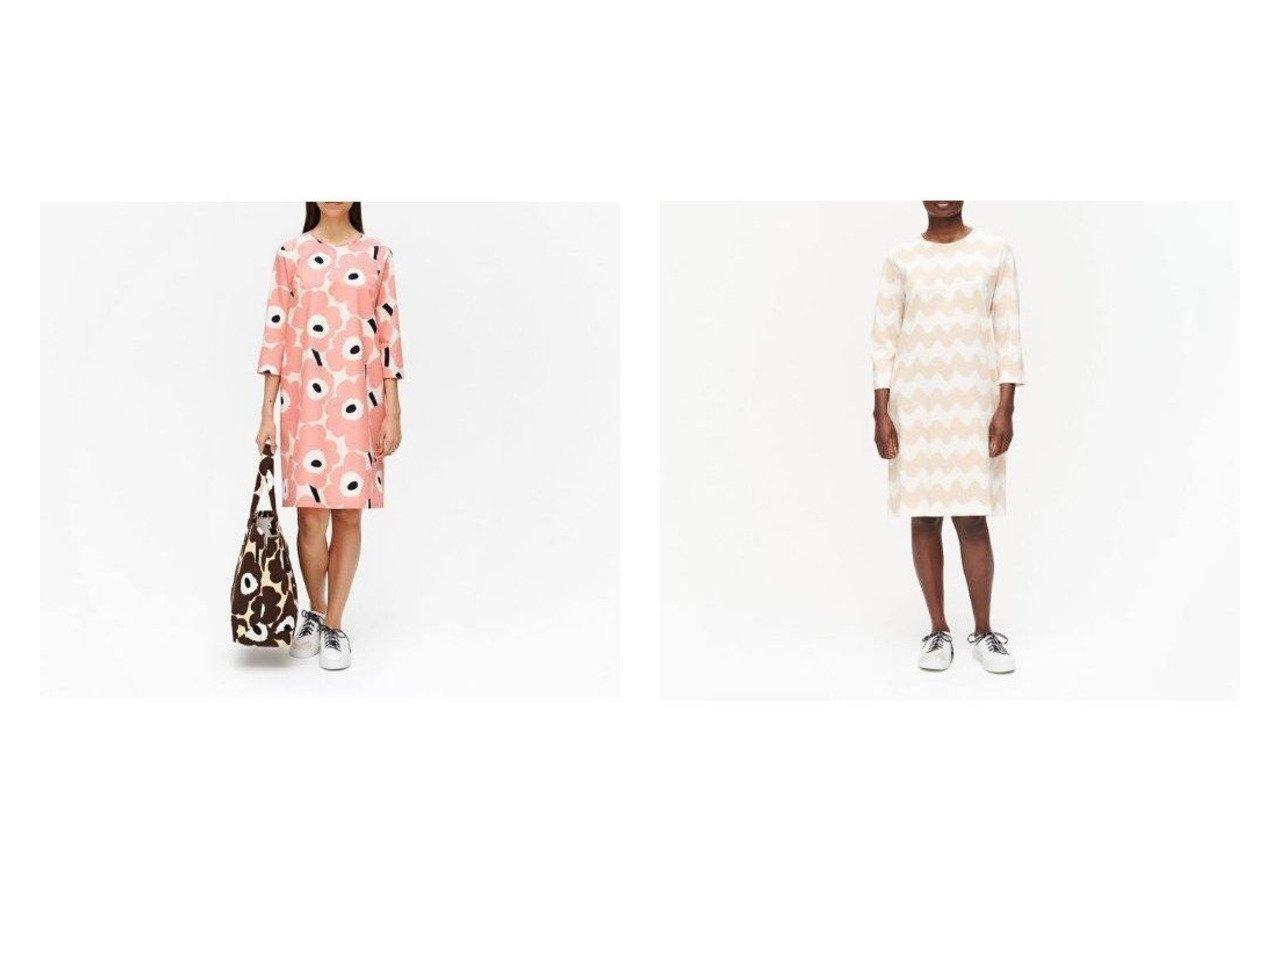 【marimekko/マリメッコ】のLokki Riippumaton ワンピース&Havaittu Pieni Unikko ワンピース マリメッコのおすすめ!人気、トレンド・レディースファッションの通販 おすすめで人気の流行・トレンド、ファッションの通販商品 メンズファッション・キッズファッション・インテリア・家具・レディースファッション・服の通販 founy(ファニー) https://founy.com/ ファッション Fashion レディースファッション WOMEN ワンピース Dress シンプル プリント モチーフ リボン ワンポイント |ID:crp329100000021905